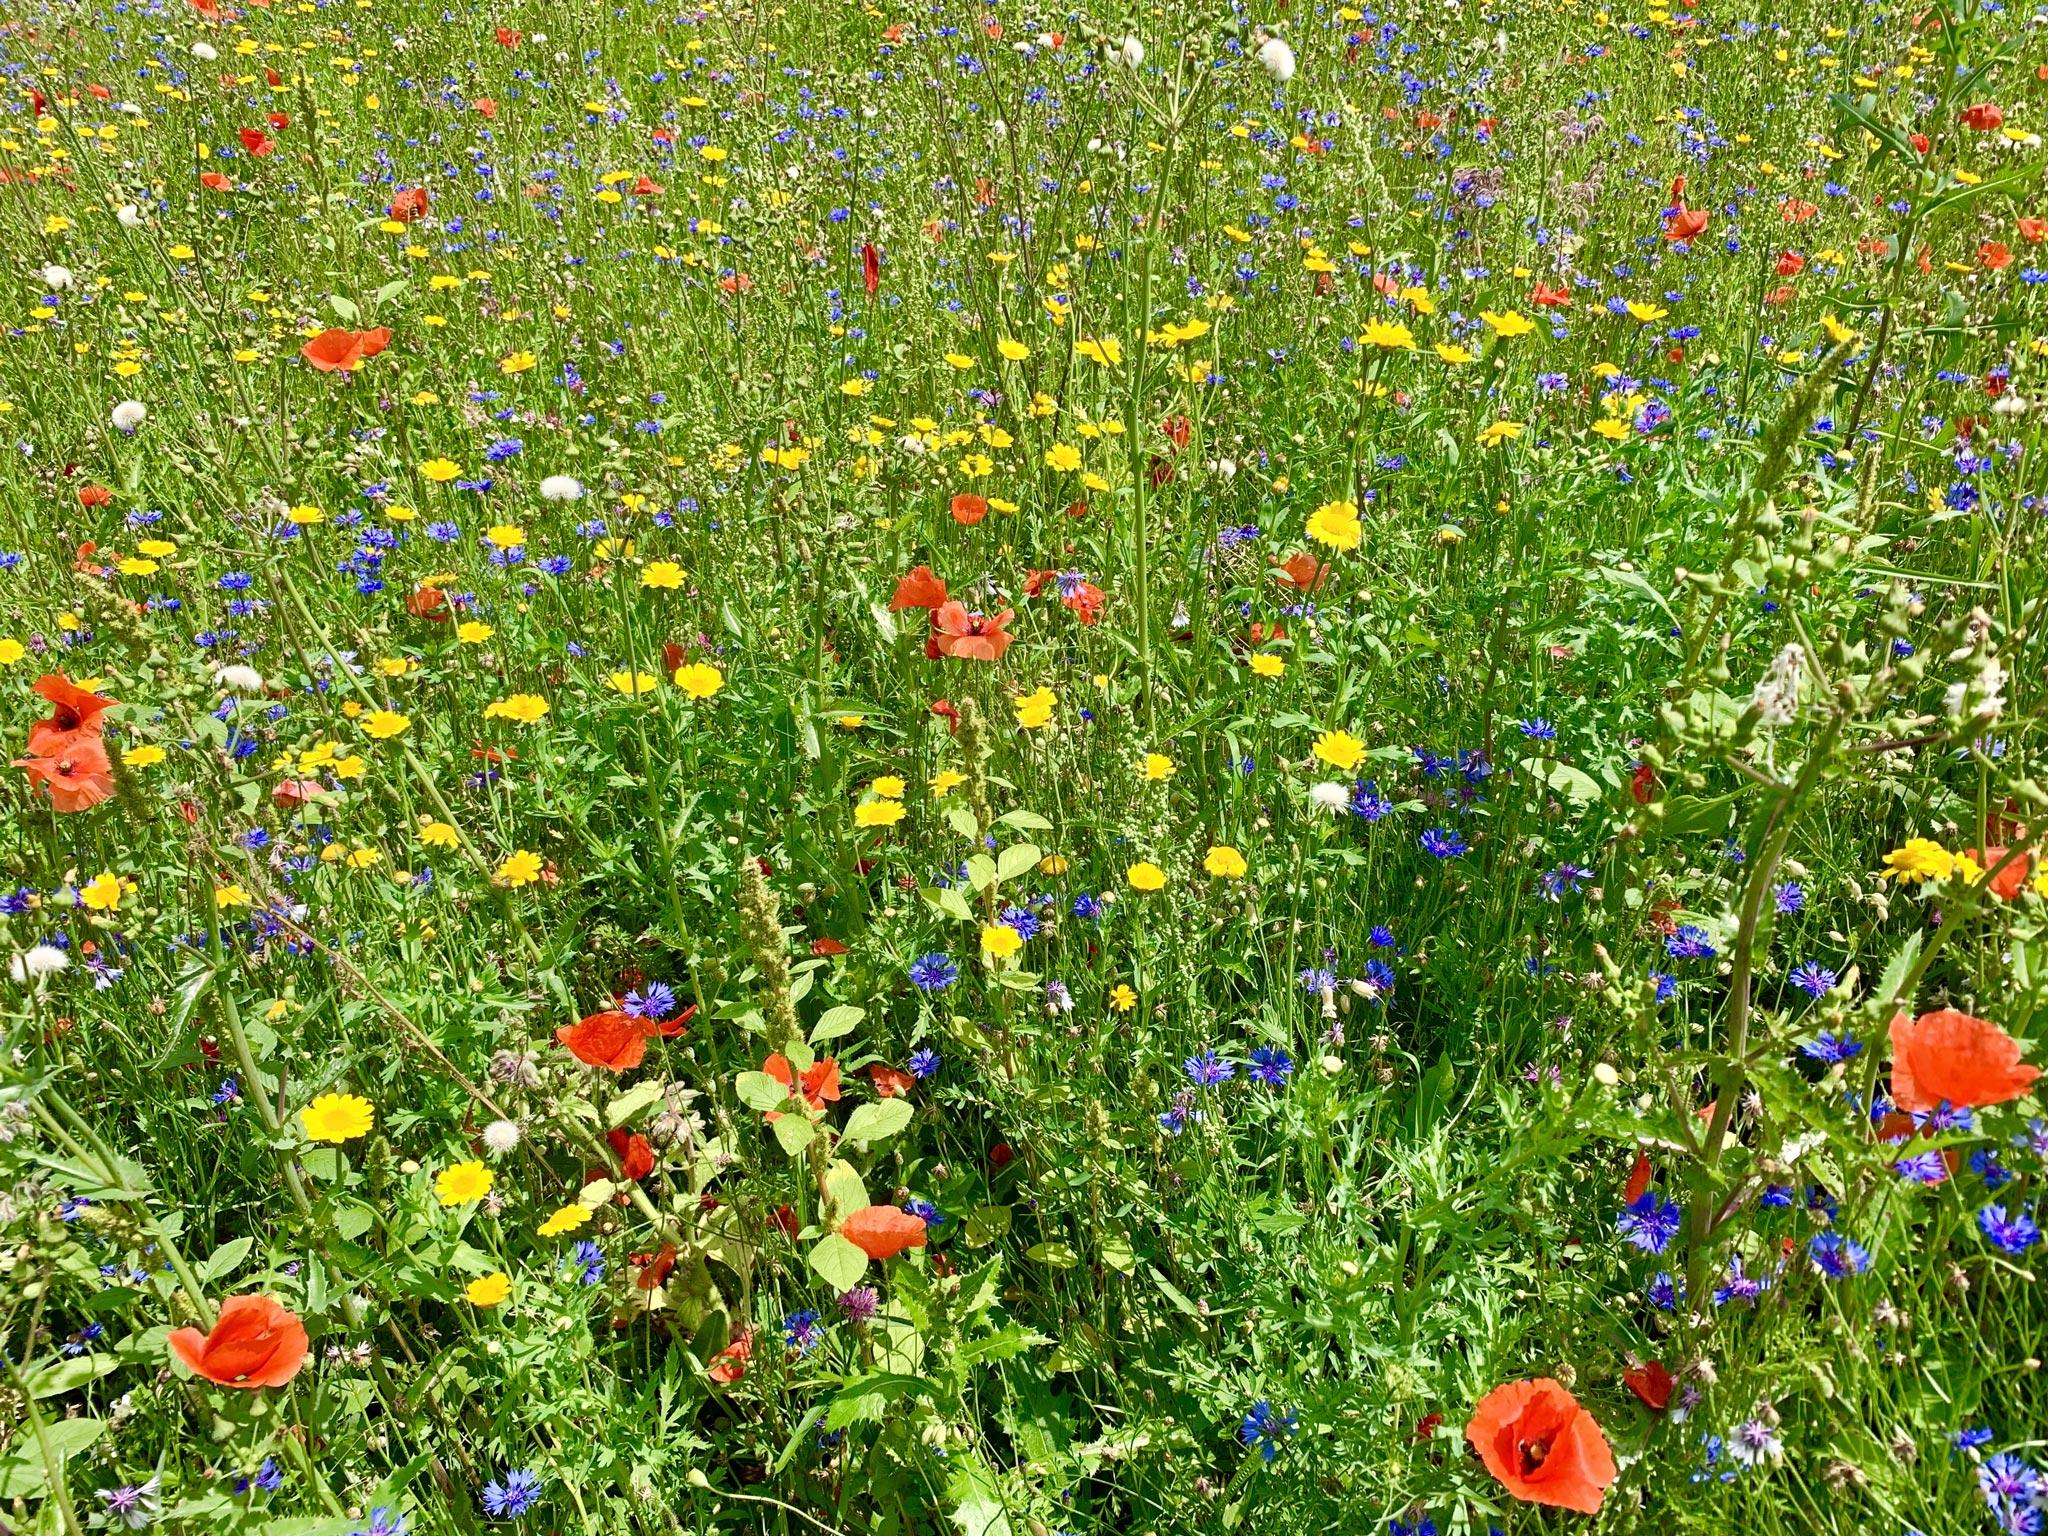 Wildblumenwiesen bieten ausreichend Lebensraum für Wildbienen und andere Nützlinge (Foto: Andy Ilmberger)